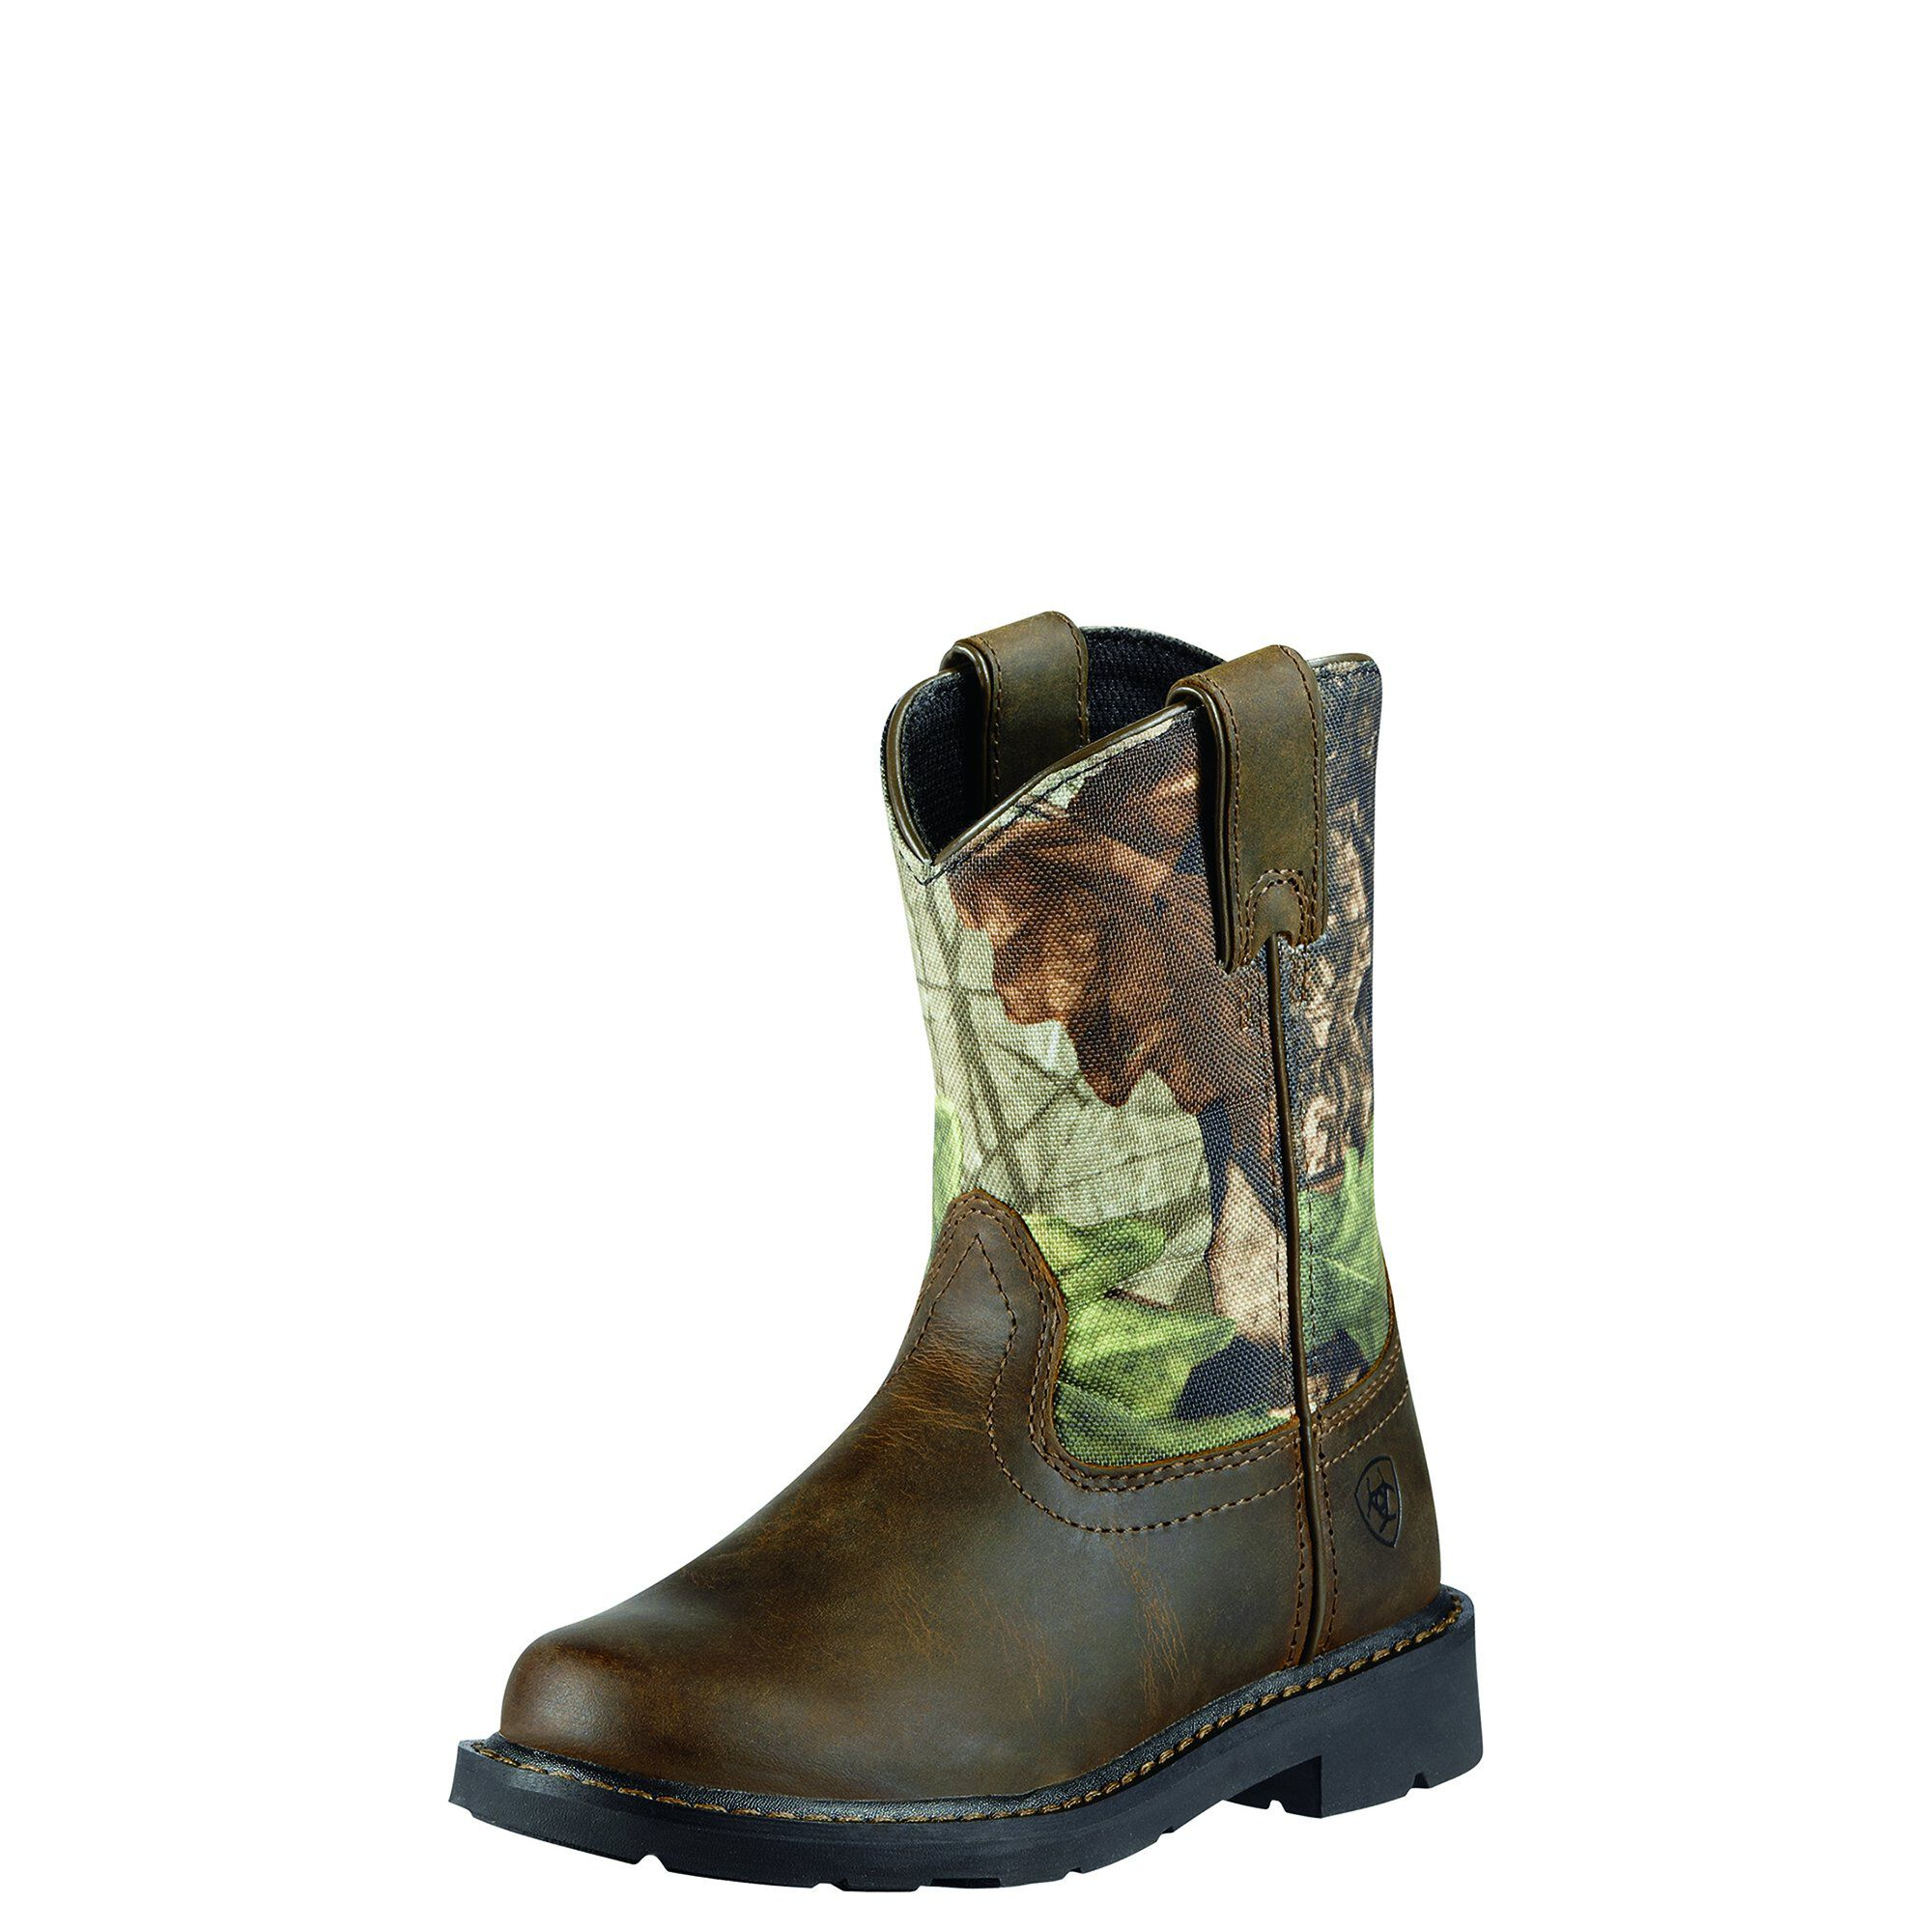 Sierra Boot